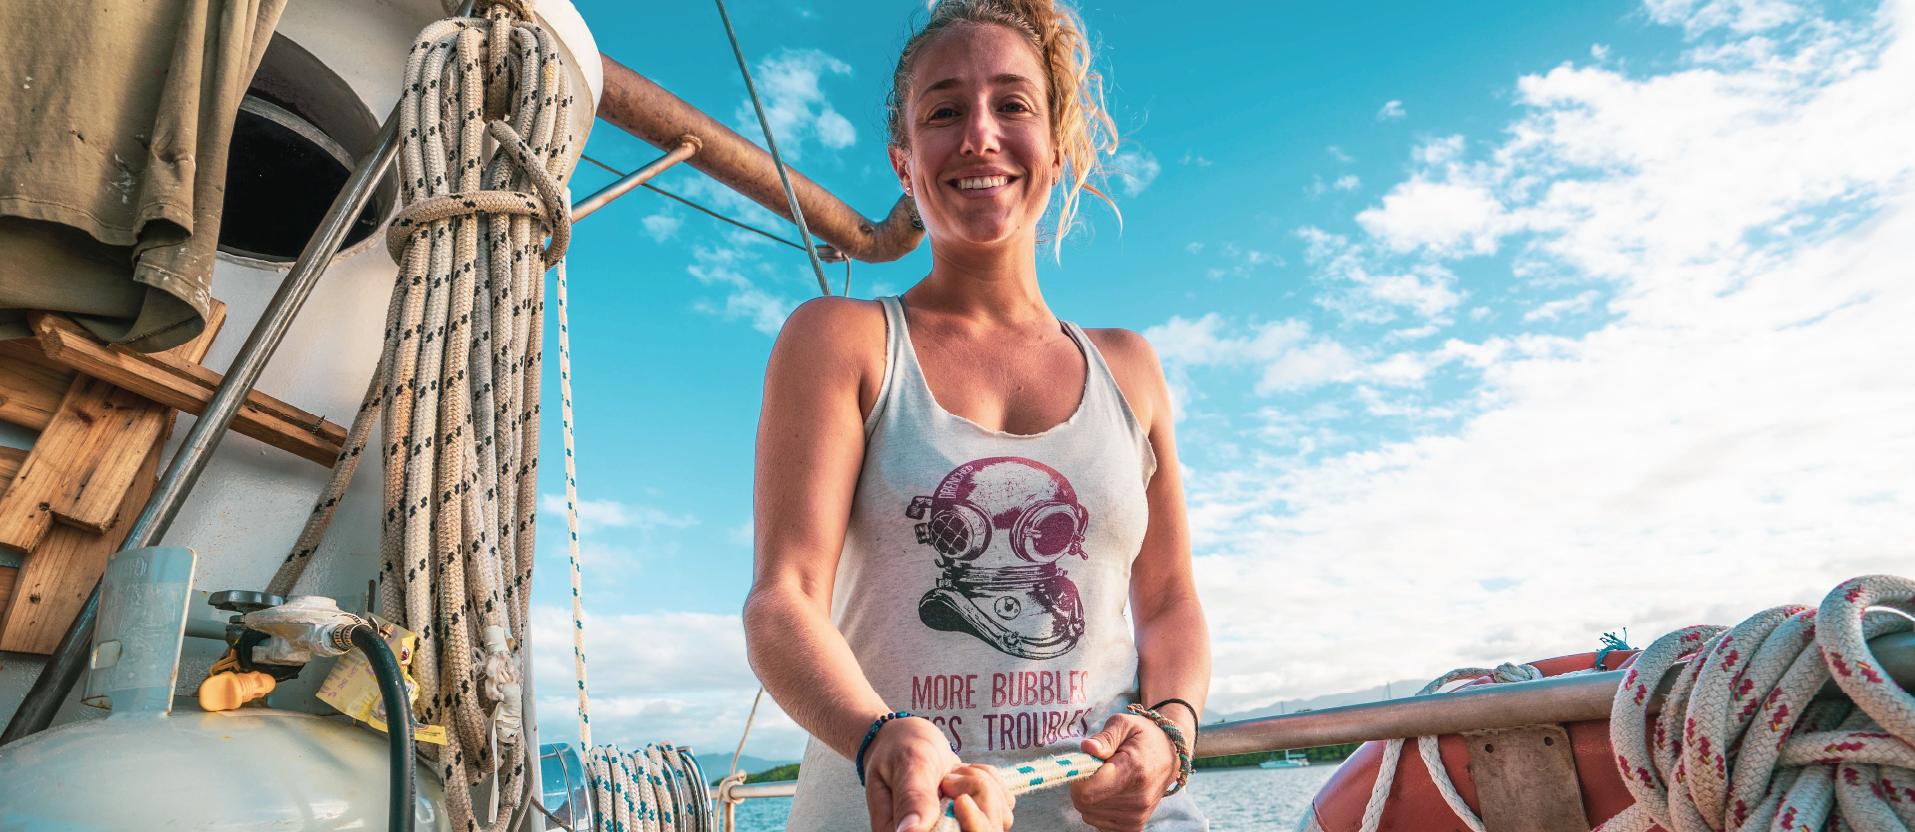 Women's Vintage Scuba Diving Racerback Tank - More Bubbles Less Troubles | Expedition Drenched